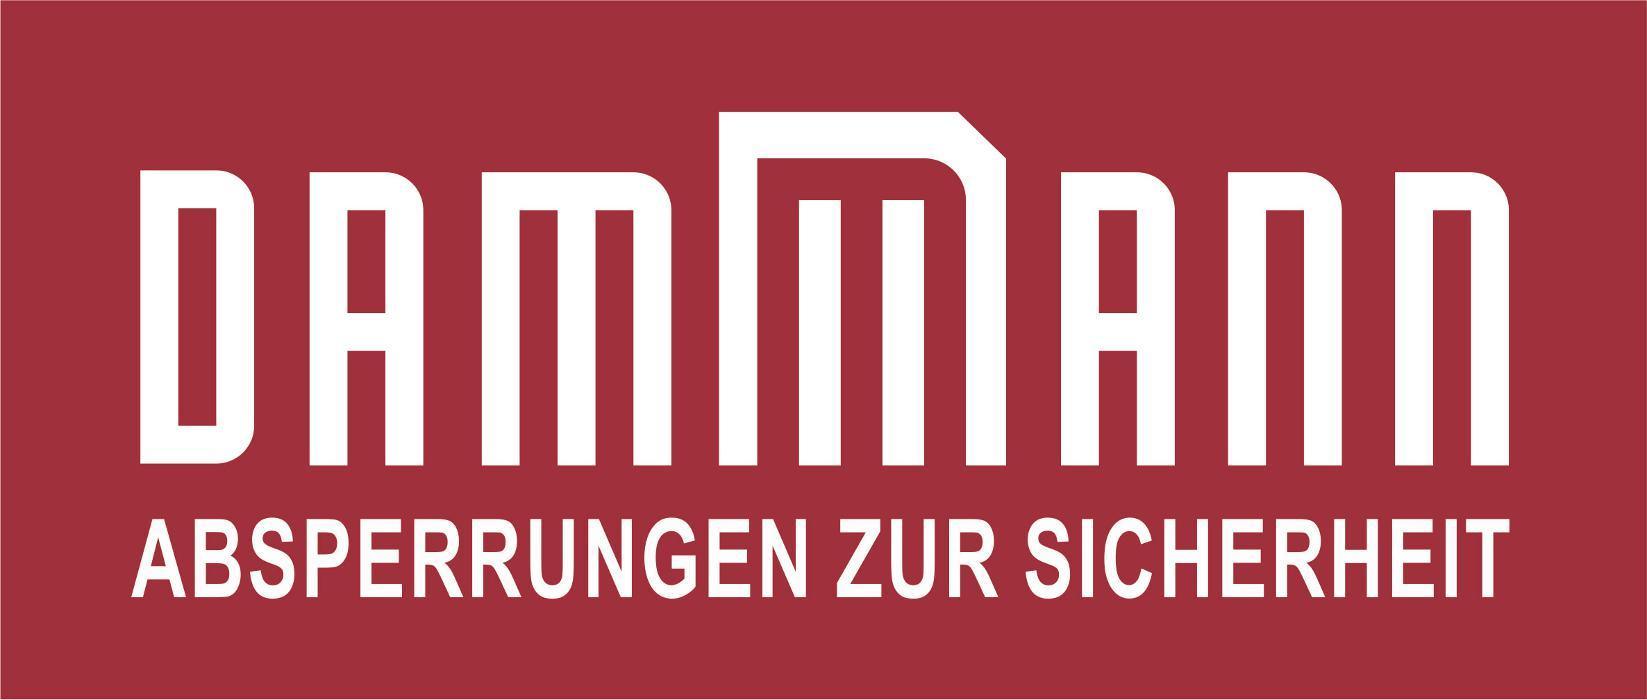 Bild zu Dammann Absperrung GmbH in Buxtehude